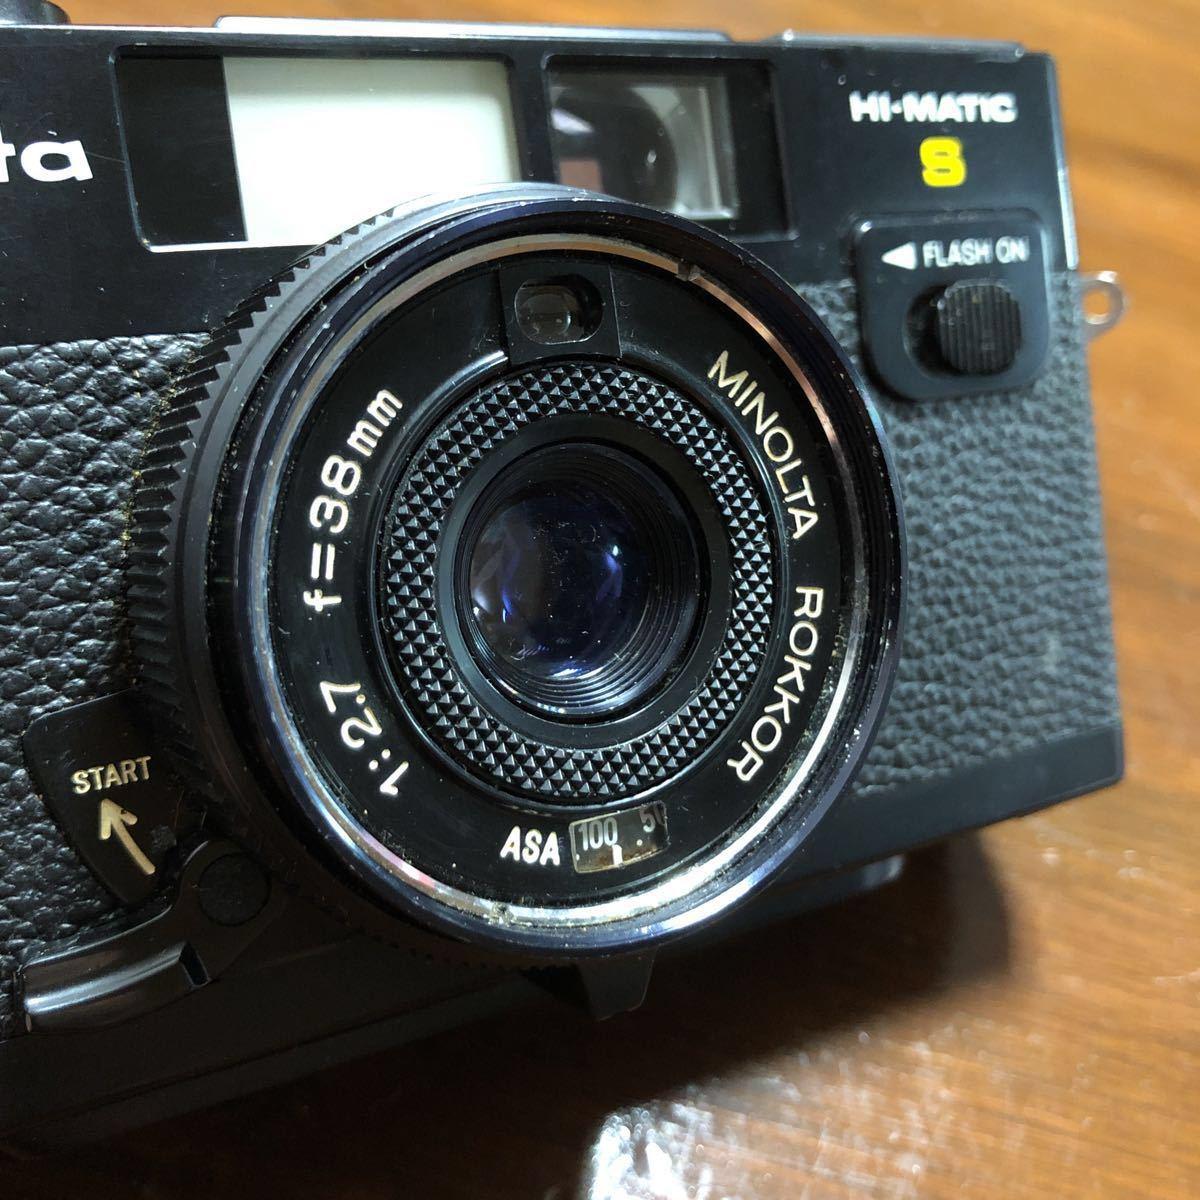 レトロ Minolta ミノルタ HI-MATIC F ブラック 黒 ROKKOR 1:2.7 f=38mm フィルムカメラ 現状品_画像3